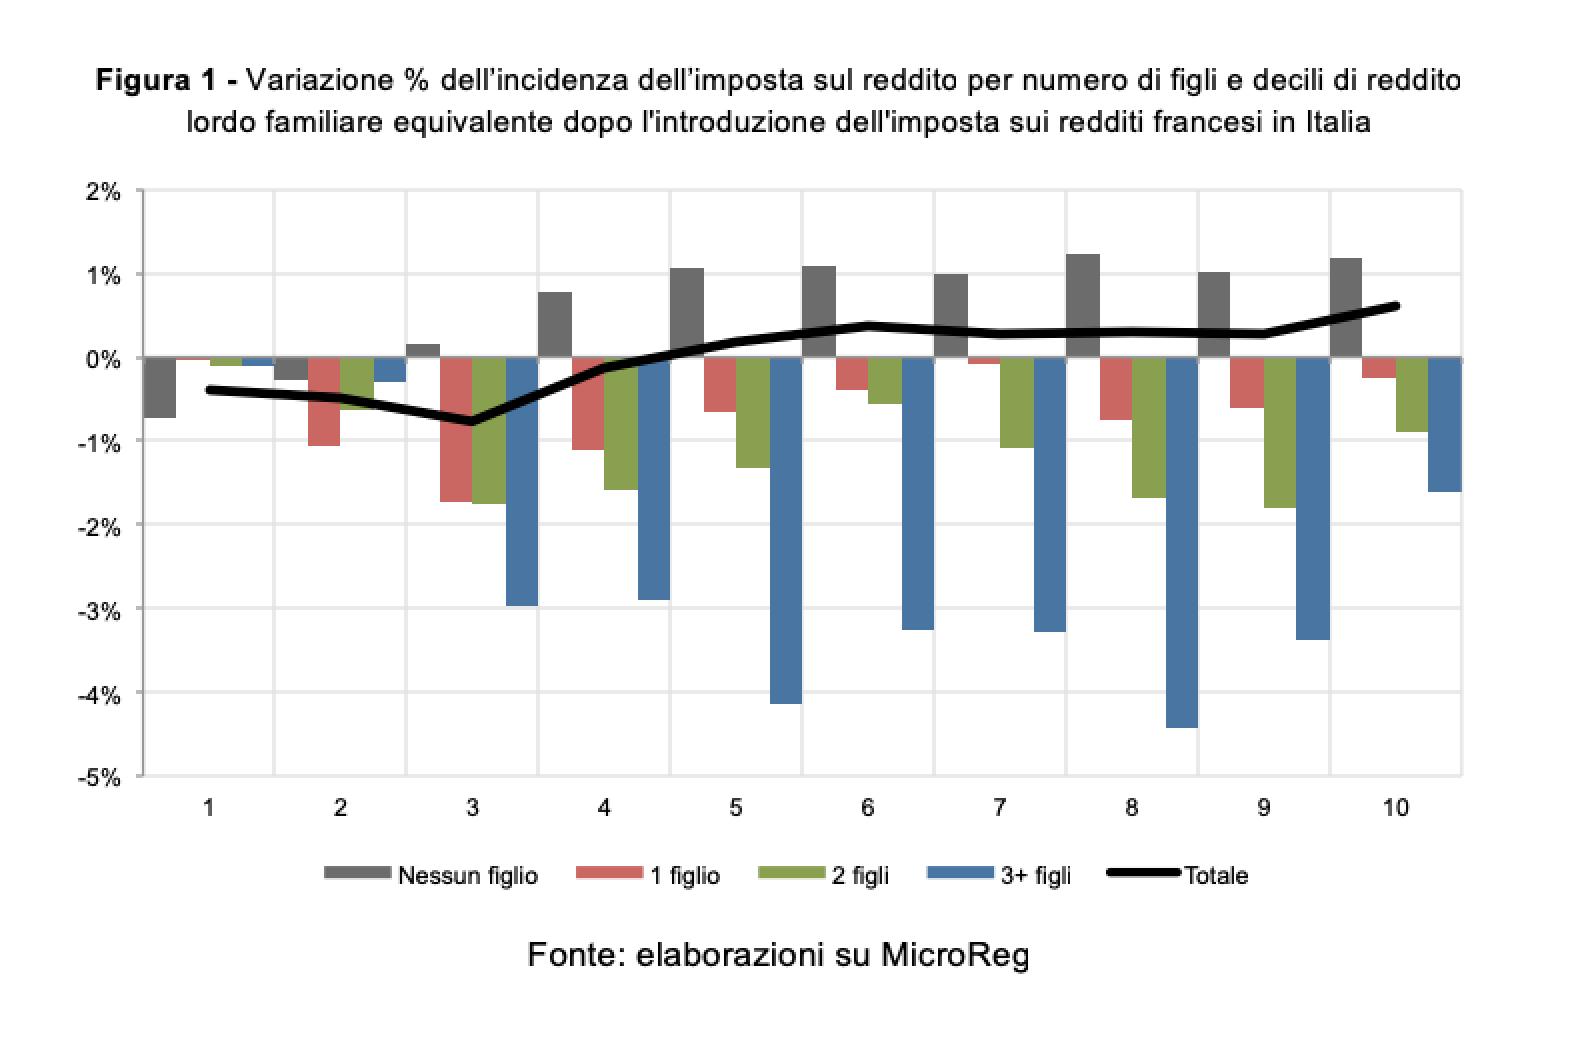 bc403e4fb5 Per loro la riduzione dell'incidenza dell'imposta sarebbe crescente per  livelli di reddito, raggiungendo il massimo del -4,4% nell'ottavo decile,  ...